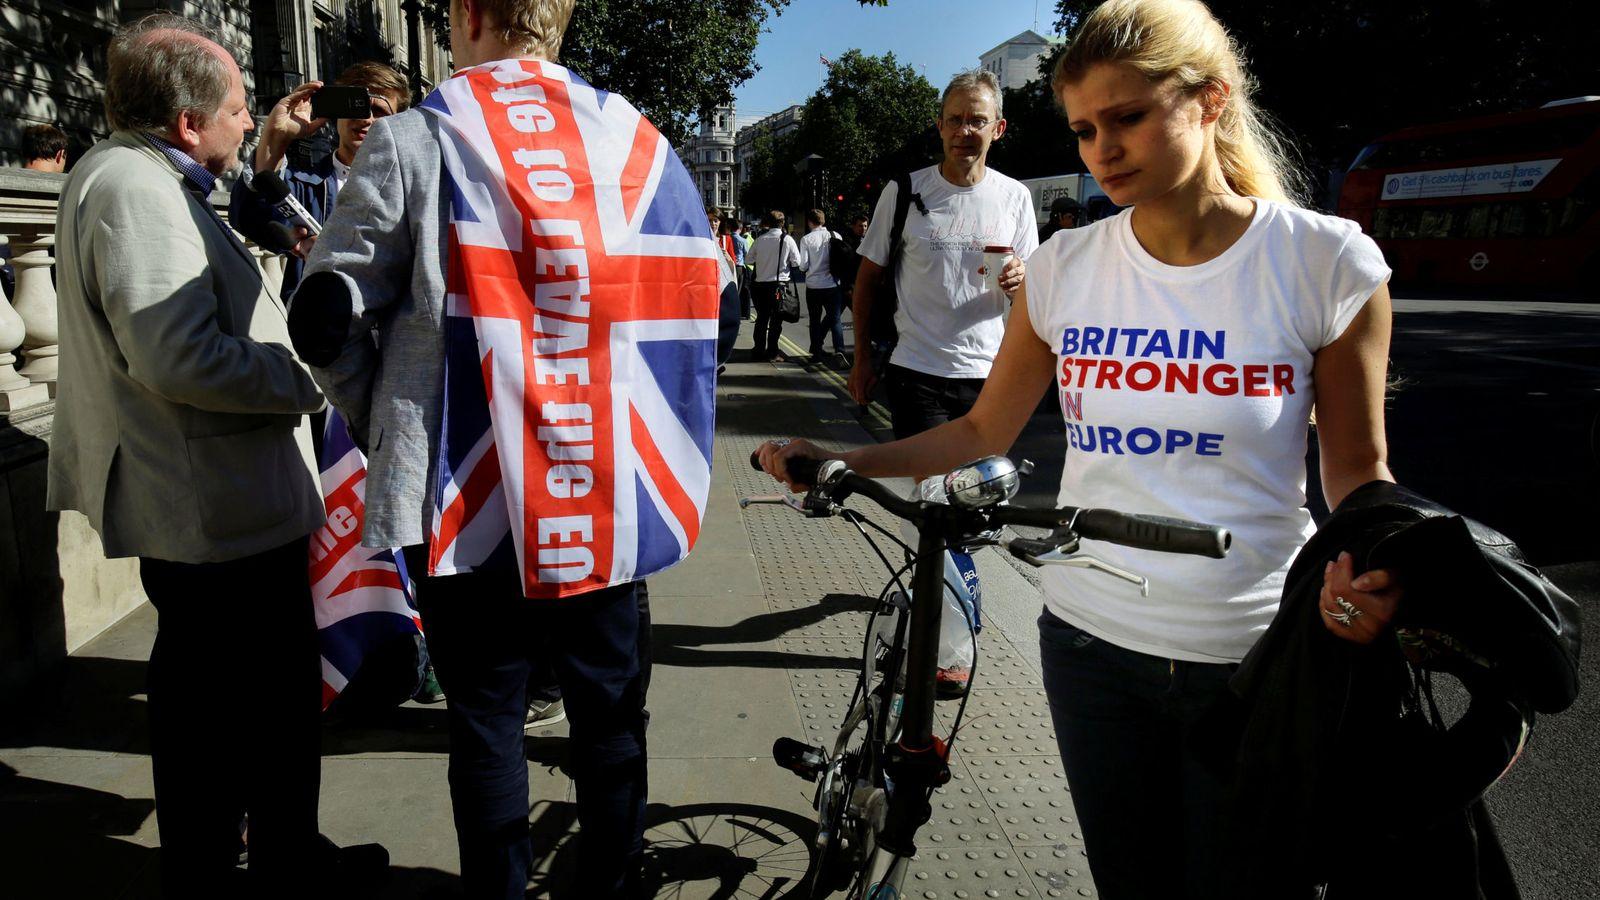 Foto: Una partidaria de la permanencia pasa junto a un votante pro-Brexit en Londres, el 24 de junio de 2016 (Reuters)